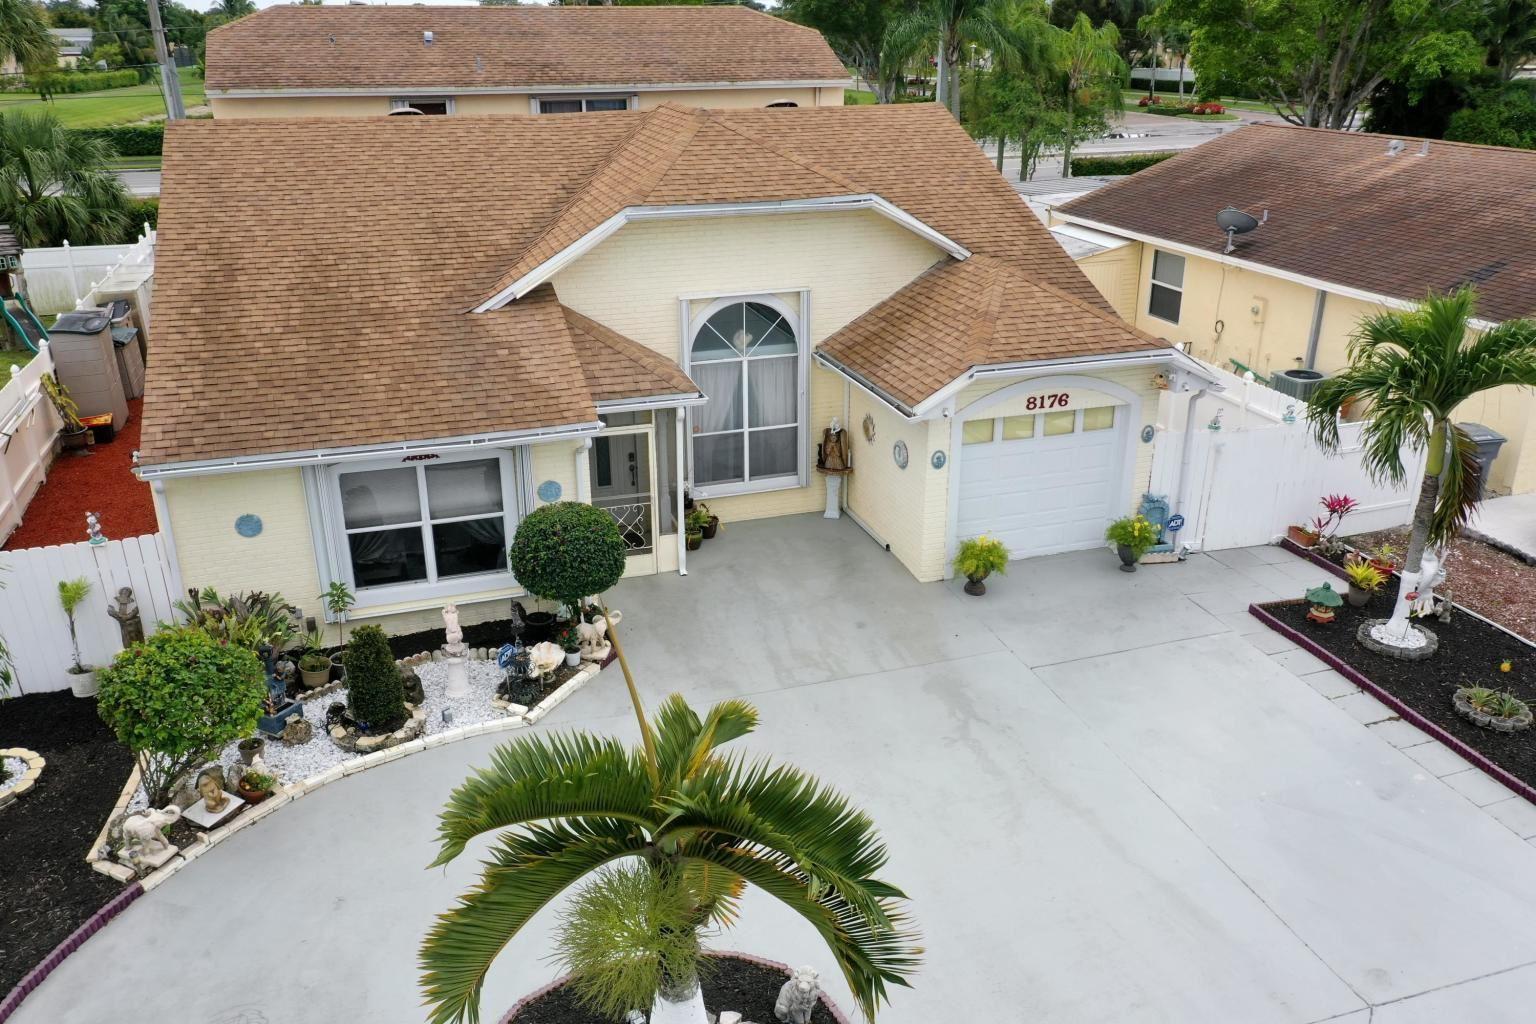 8176 Scenic Turn, Boca Raton, FL 33433 - MLS#: RX-10720201